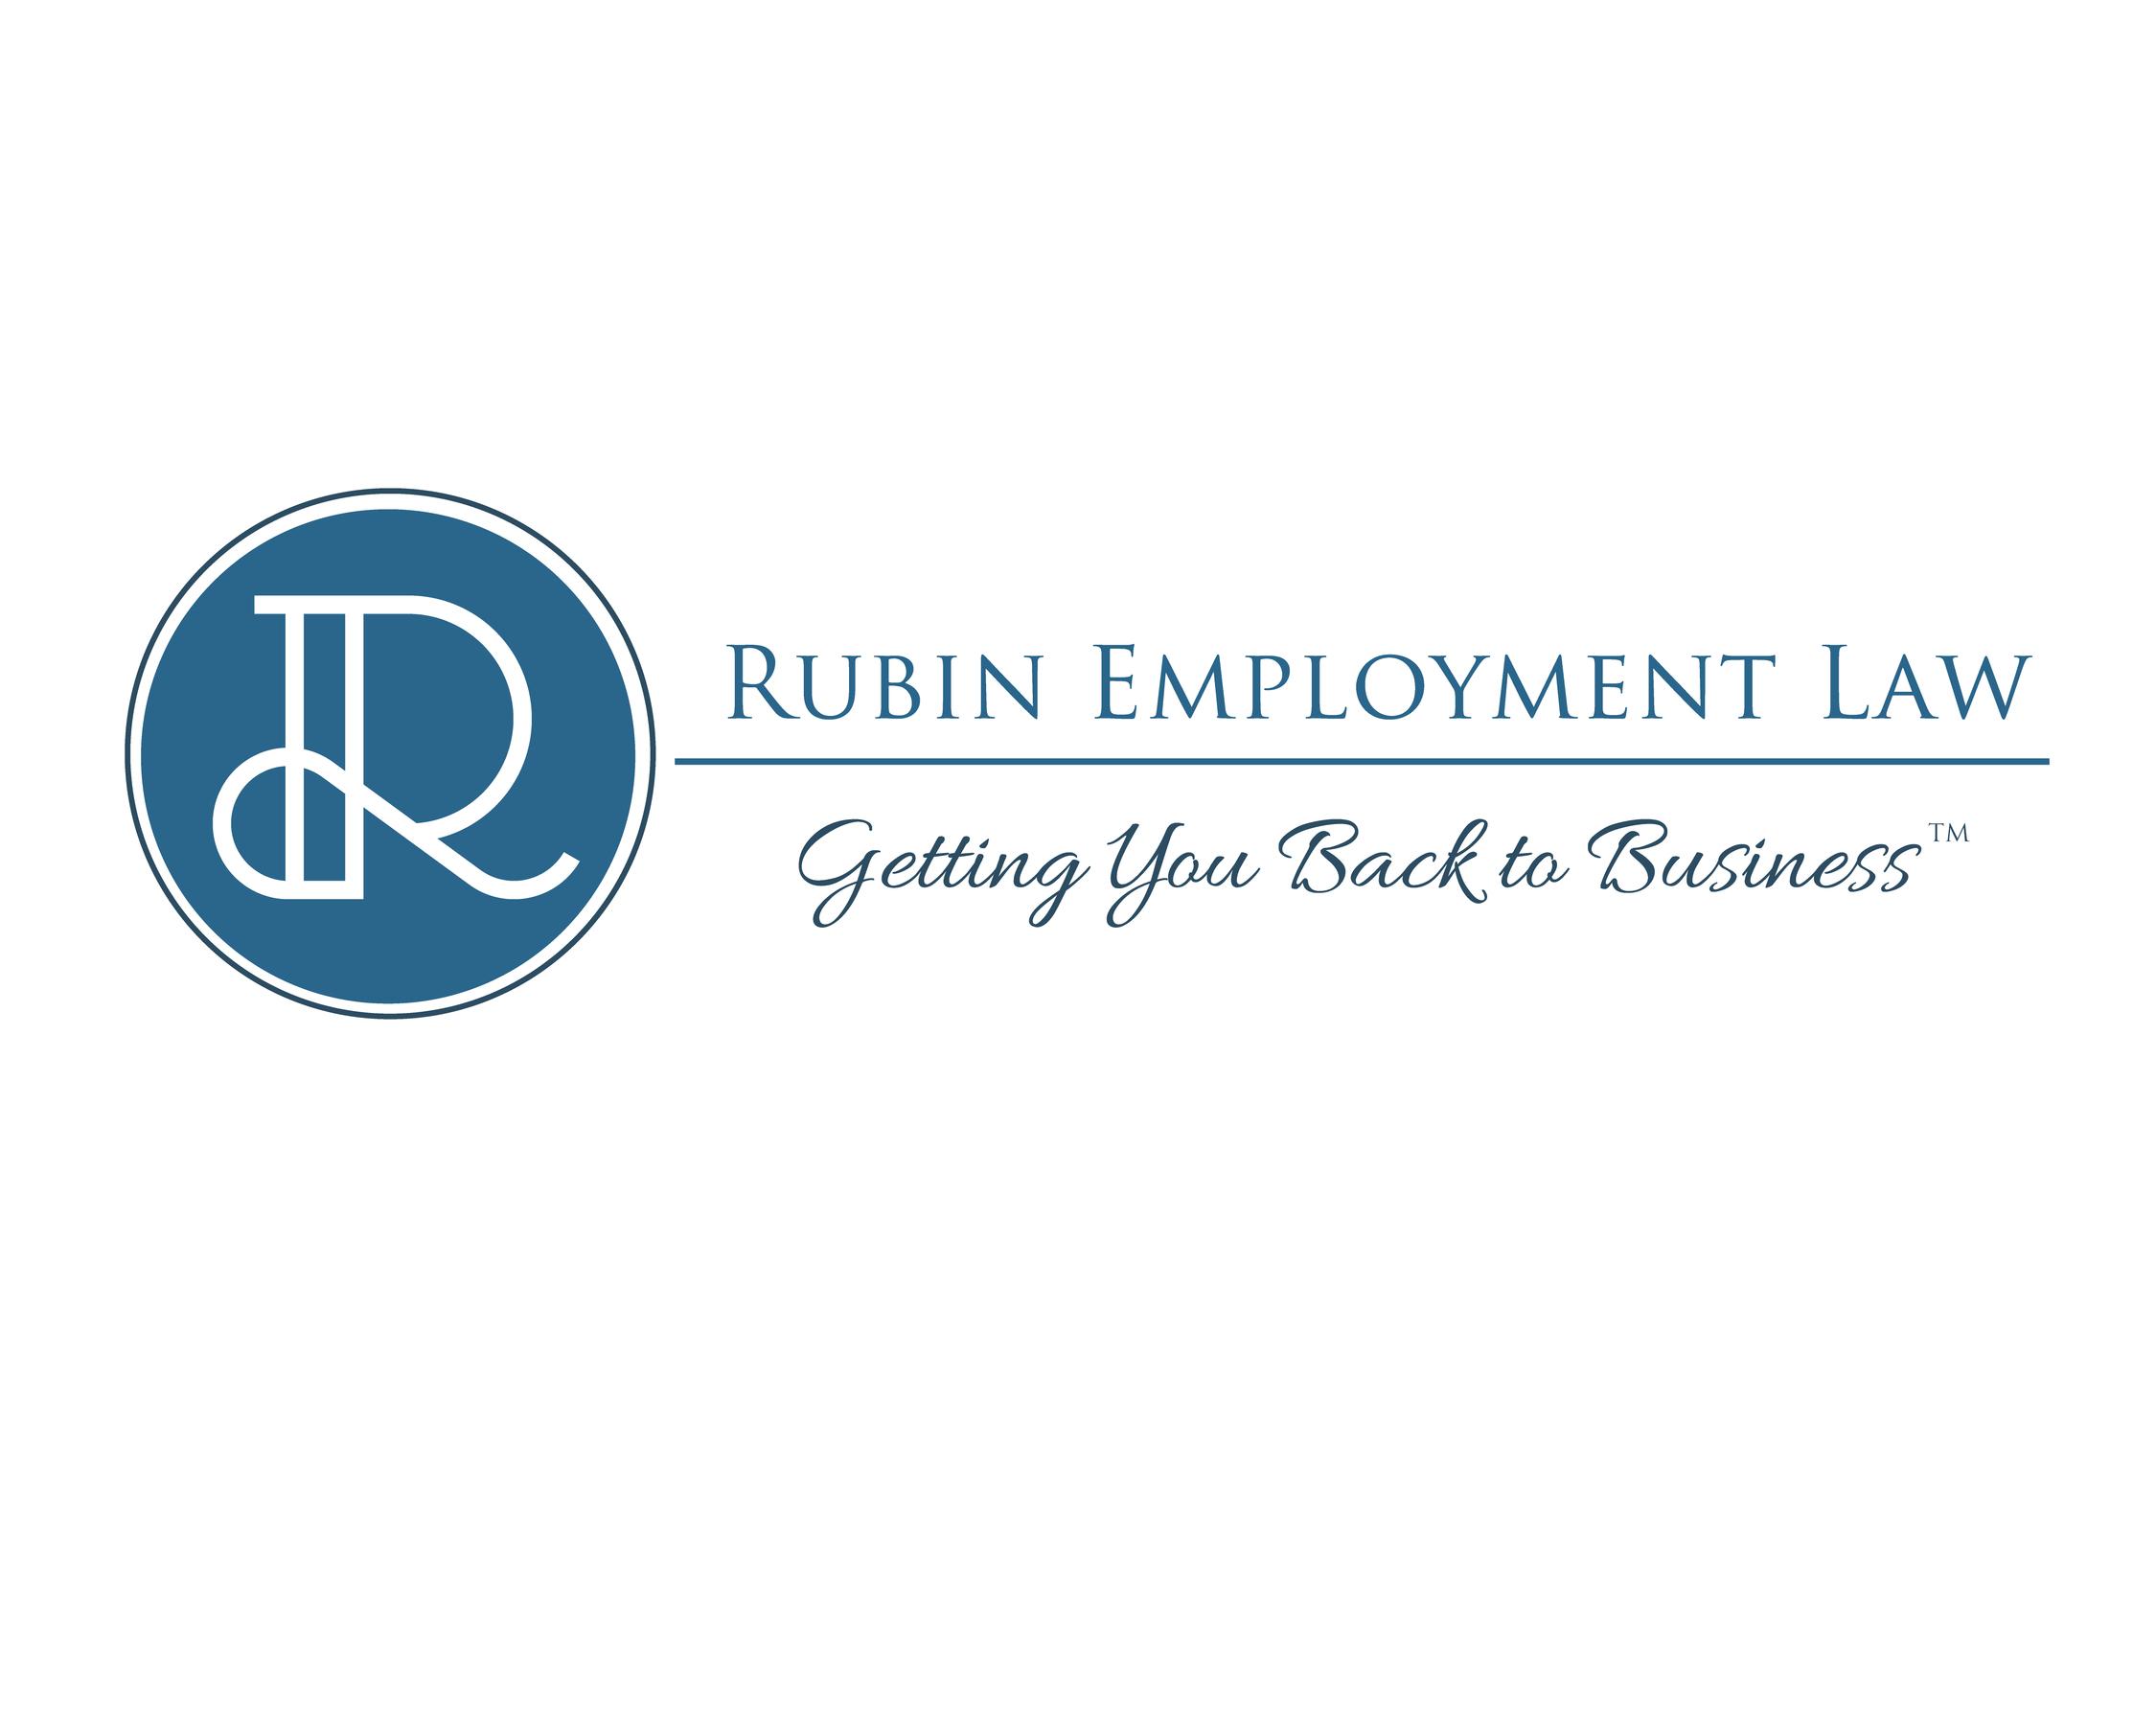 Rubin Employment Law logo